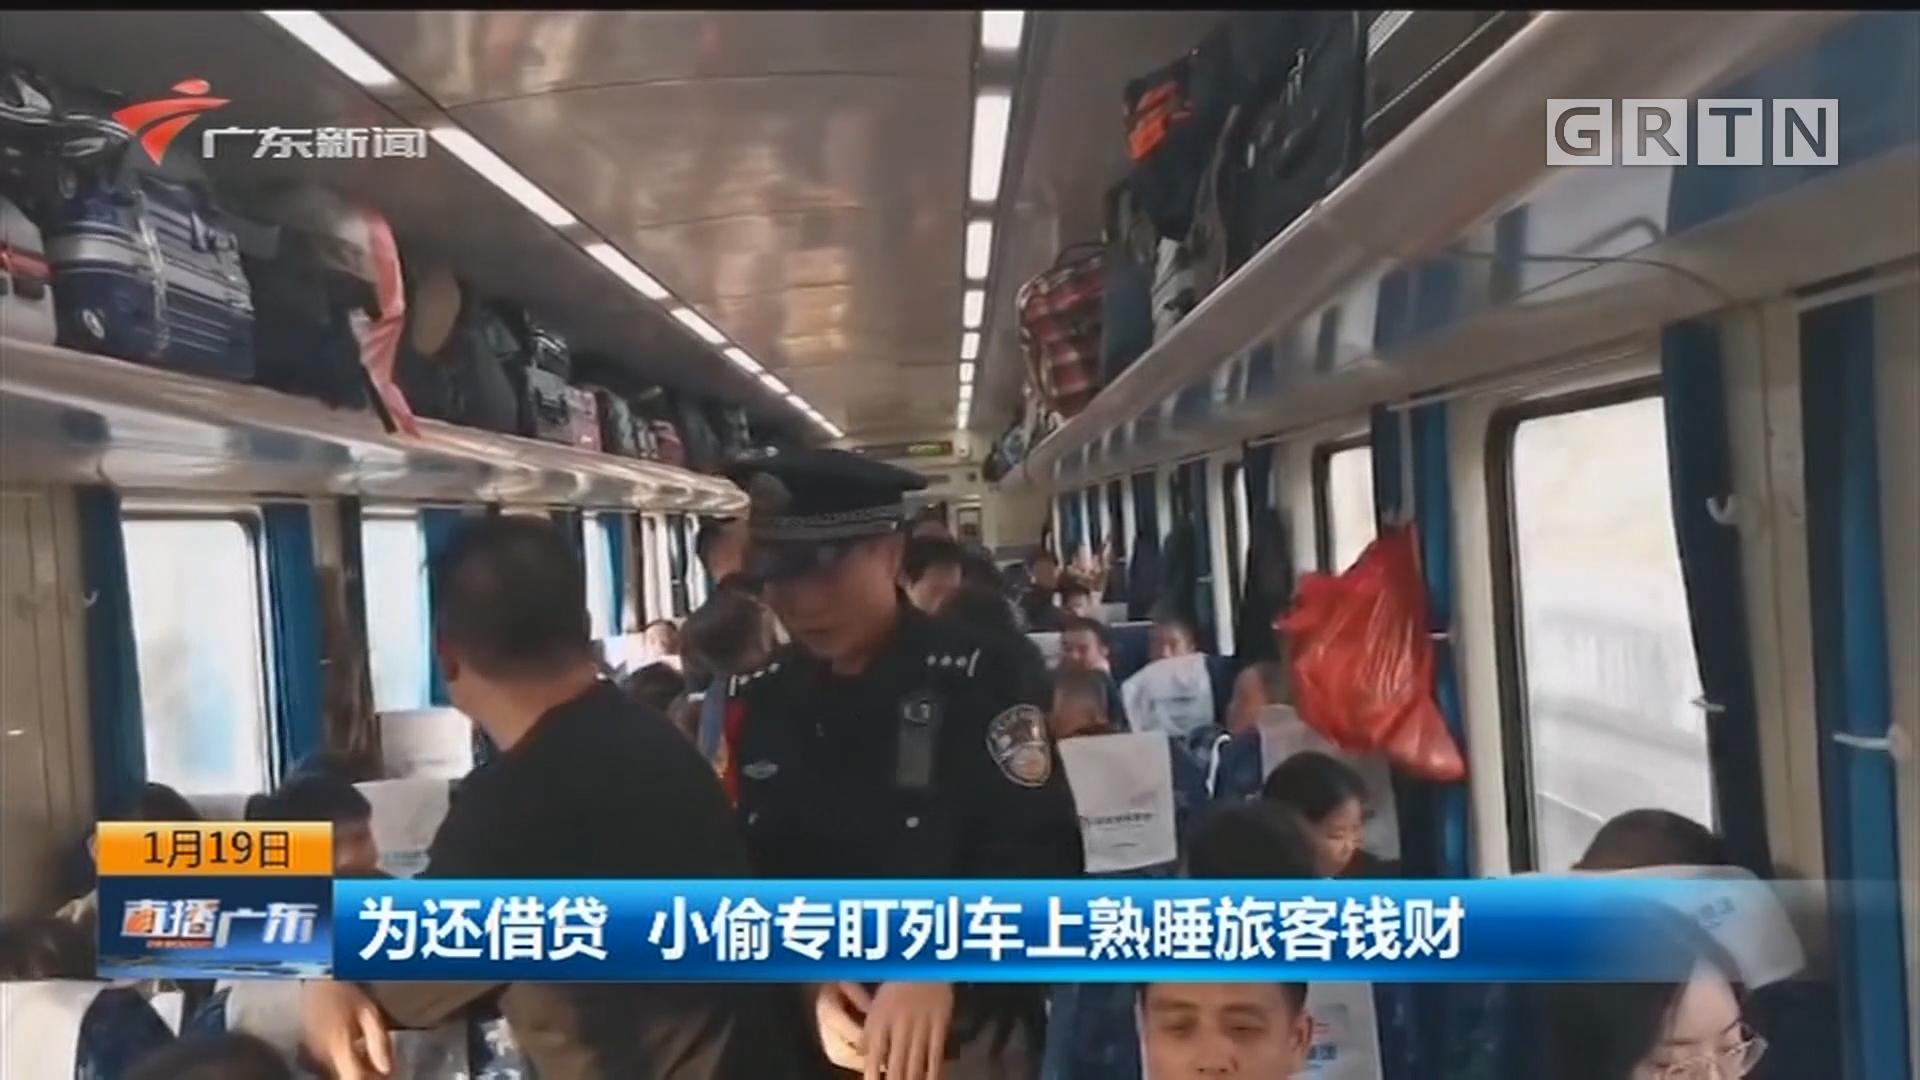 为还借贷 小偷专盯列车上熟睡旅客钱财